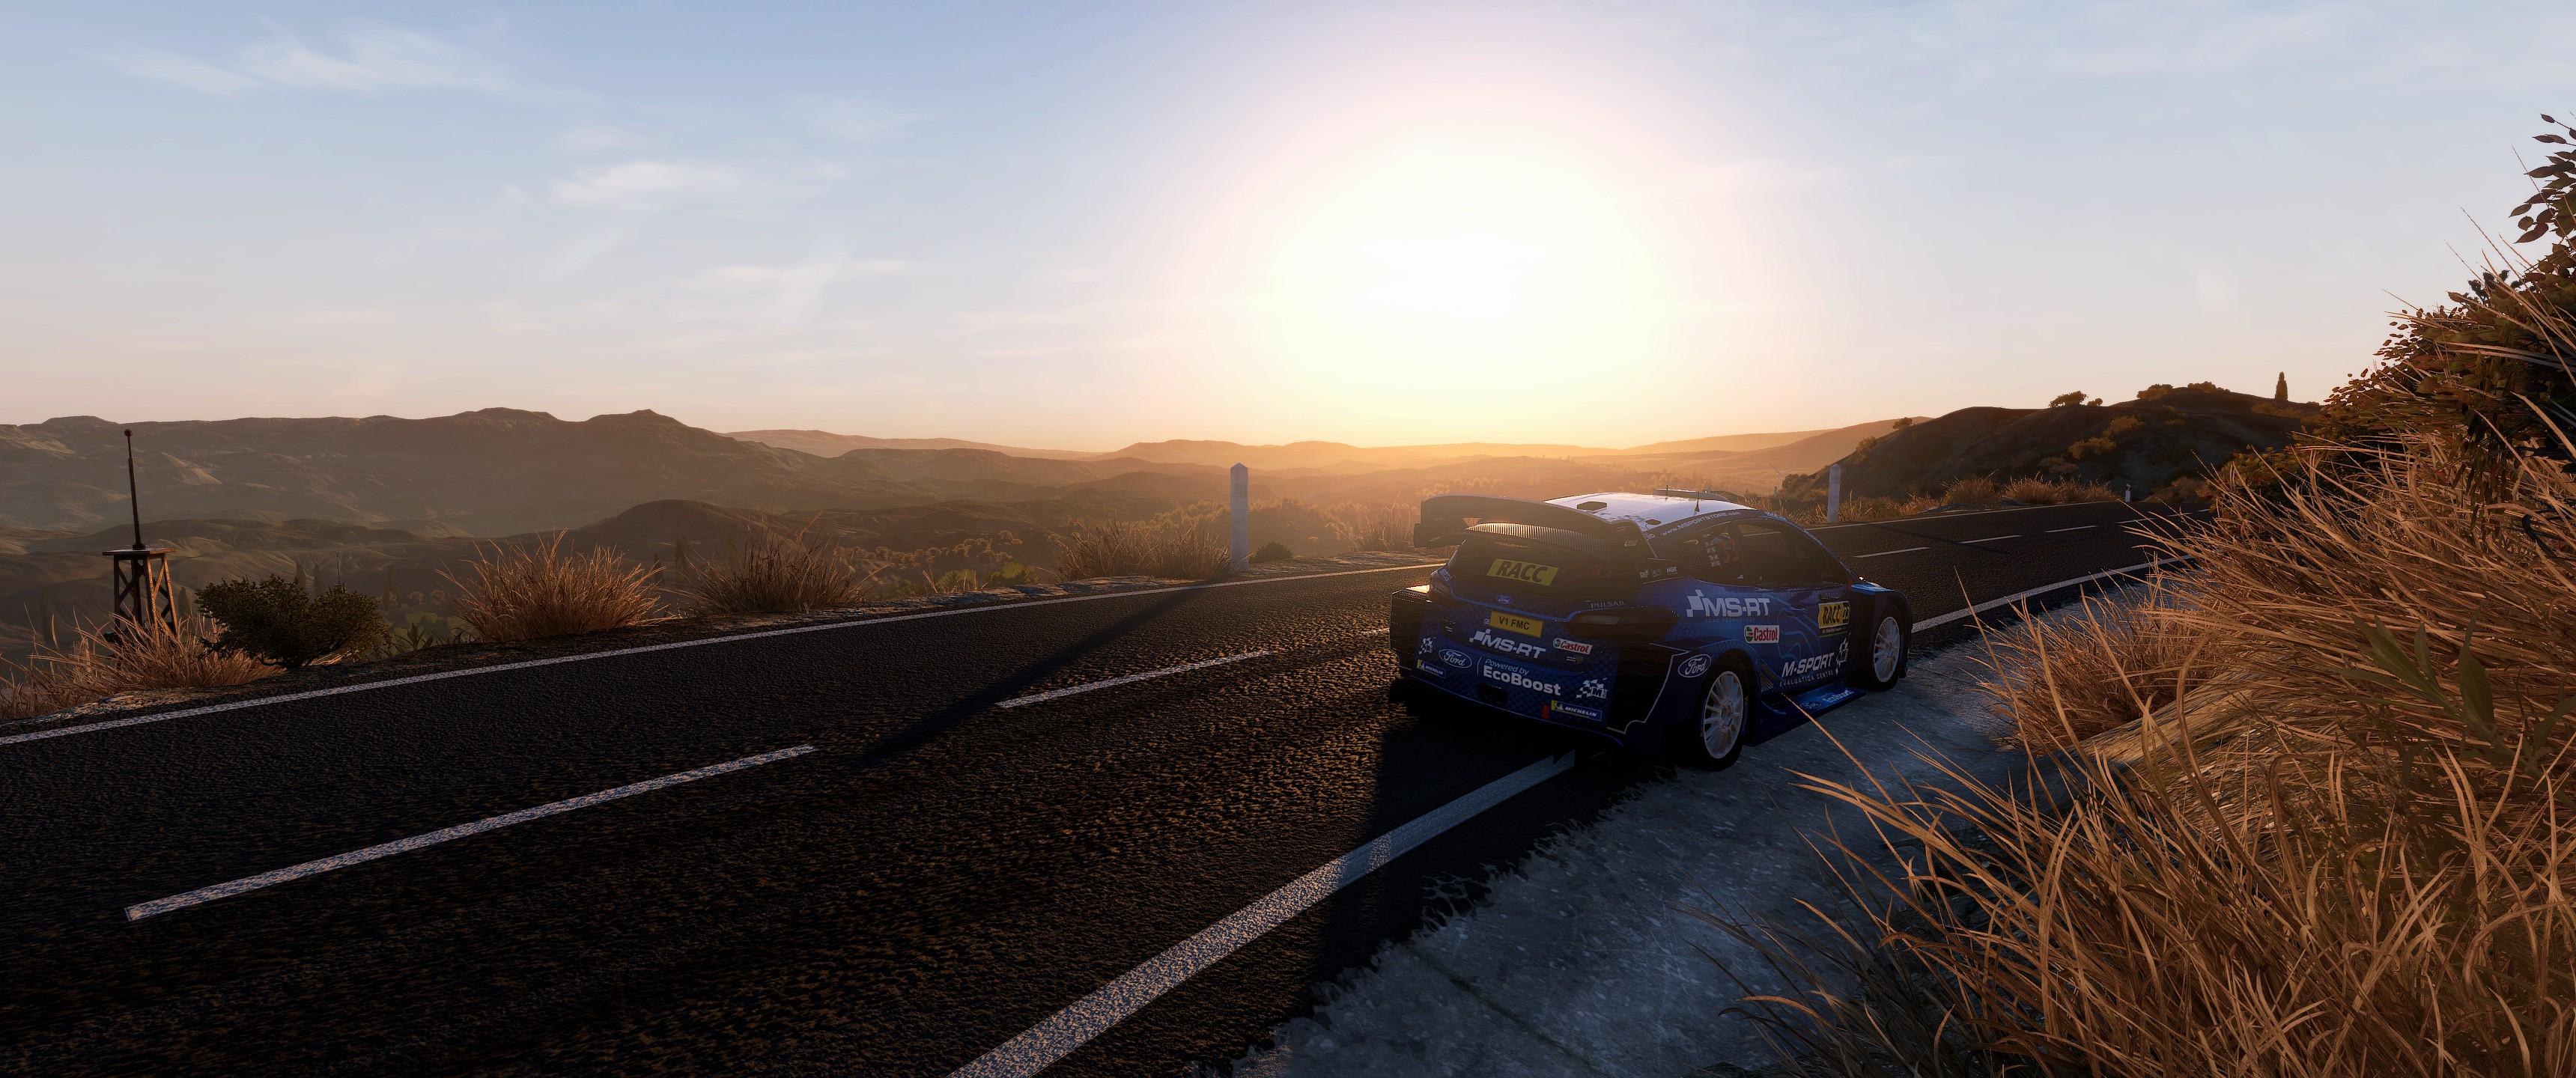 WRC8 2019-11-20 06-48-09.jpg